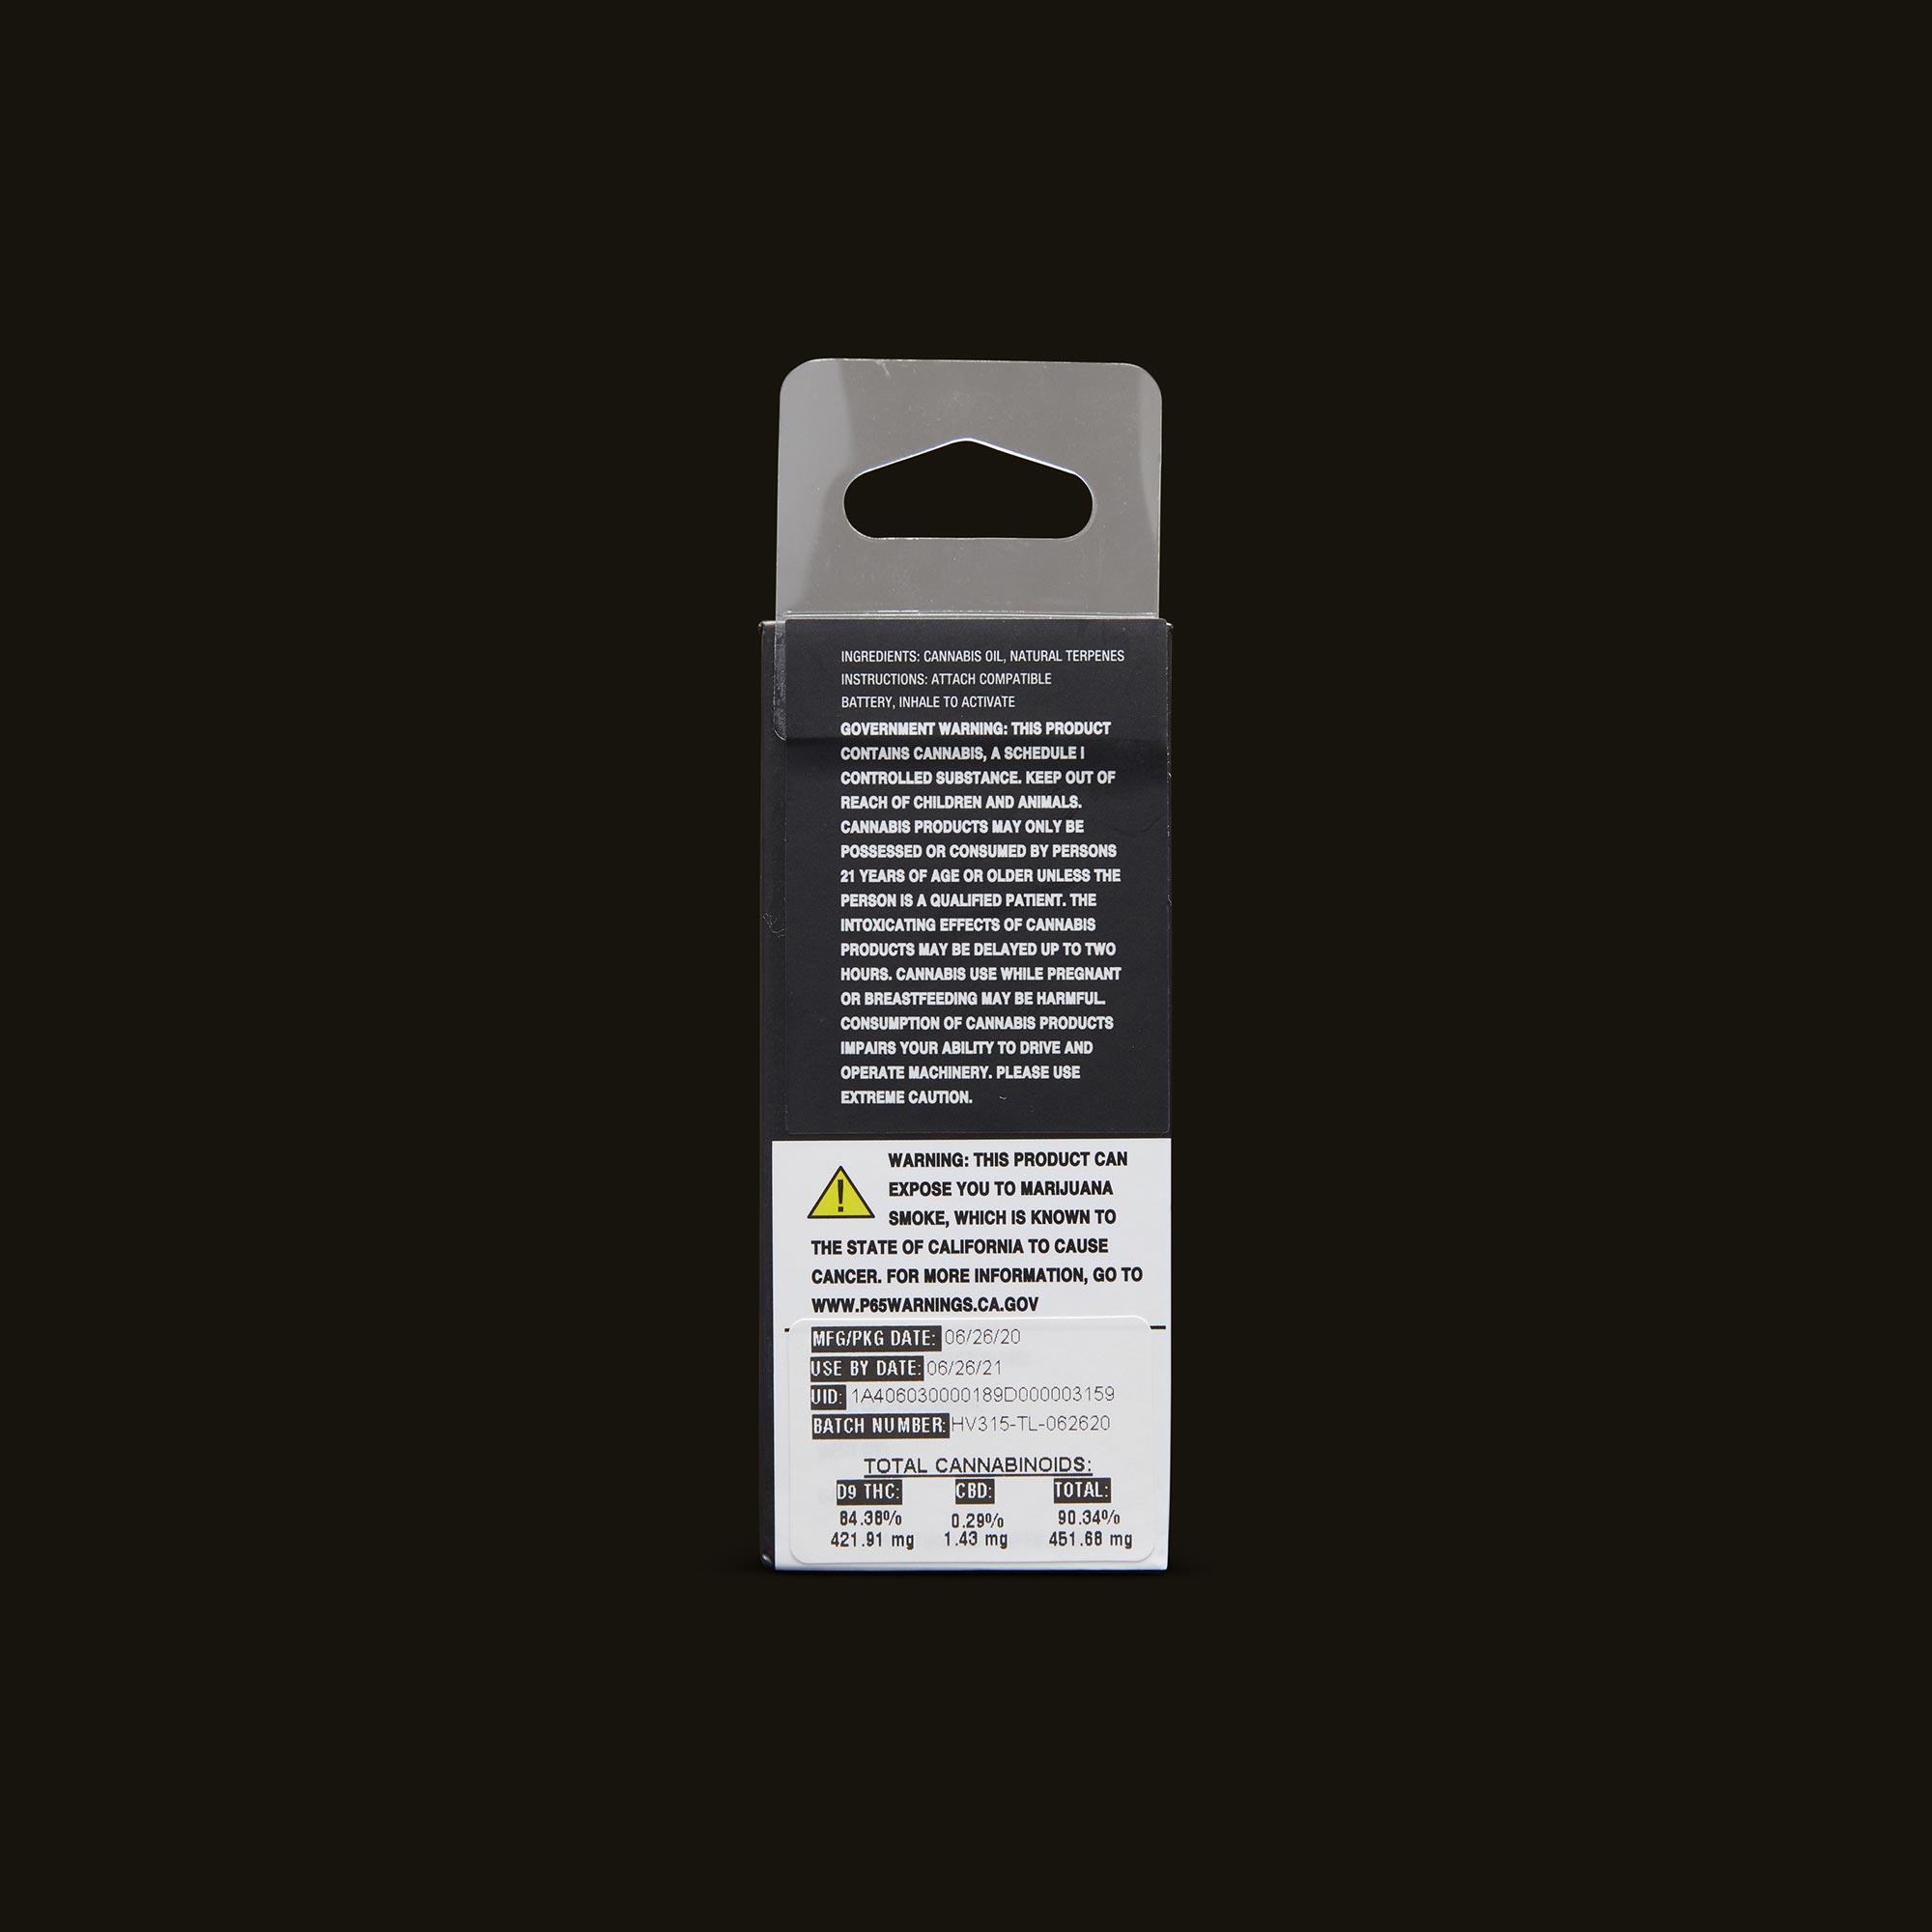 Timeless Vapes Grape Ape Cartridge Back Packaging